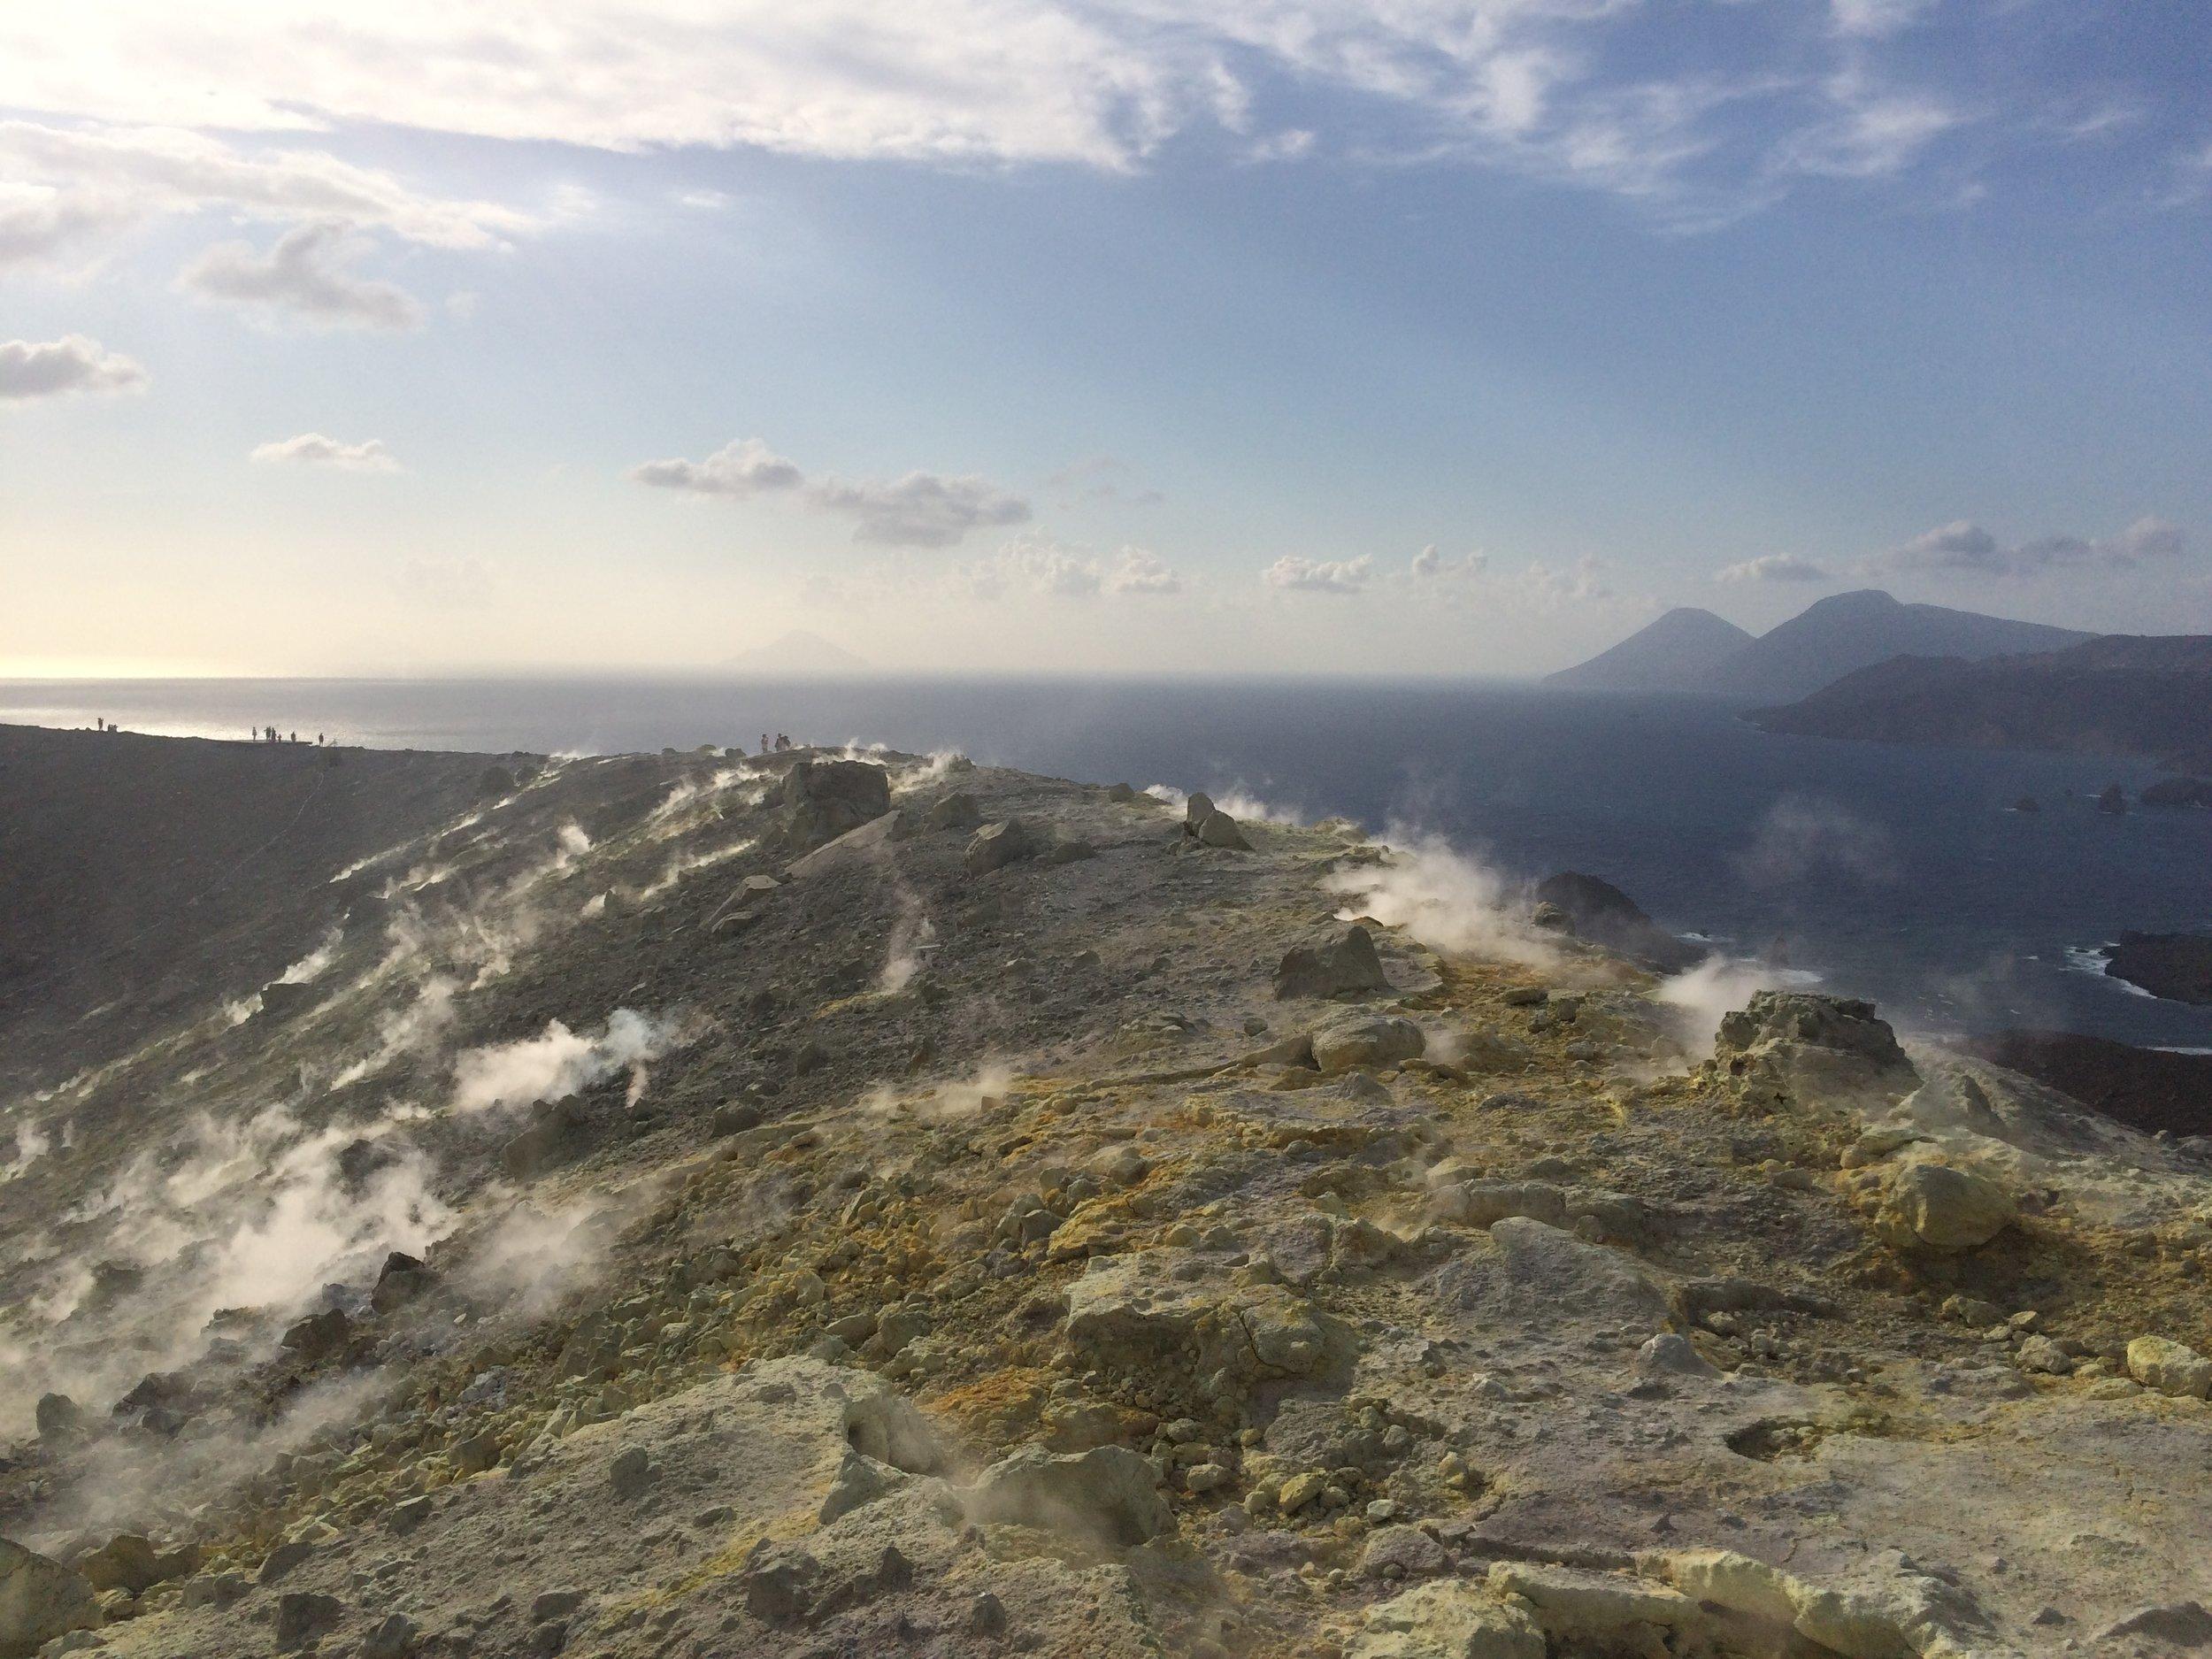 Chronique volcanique #1